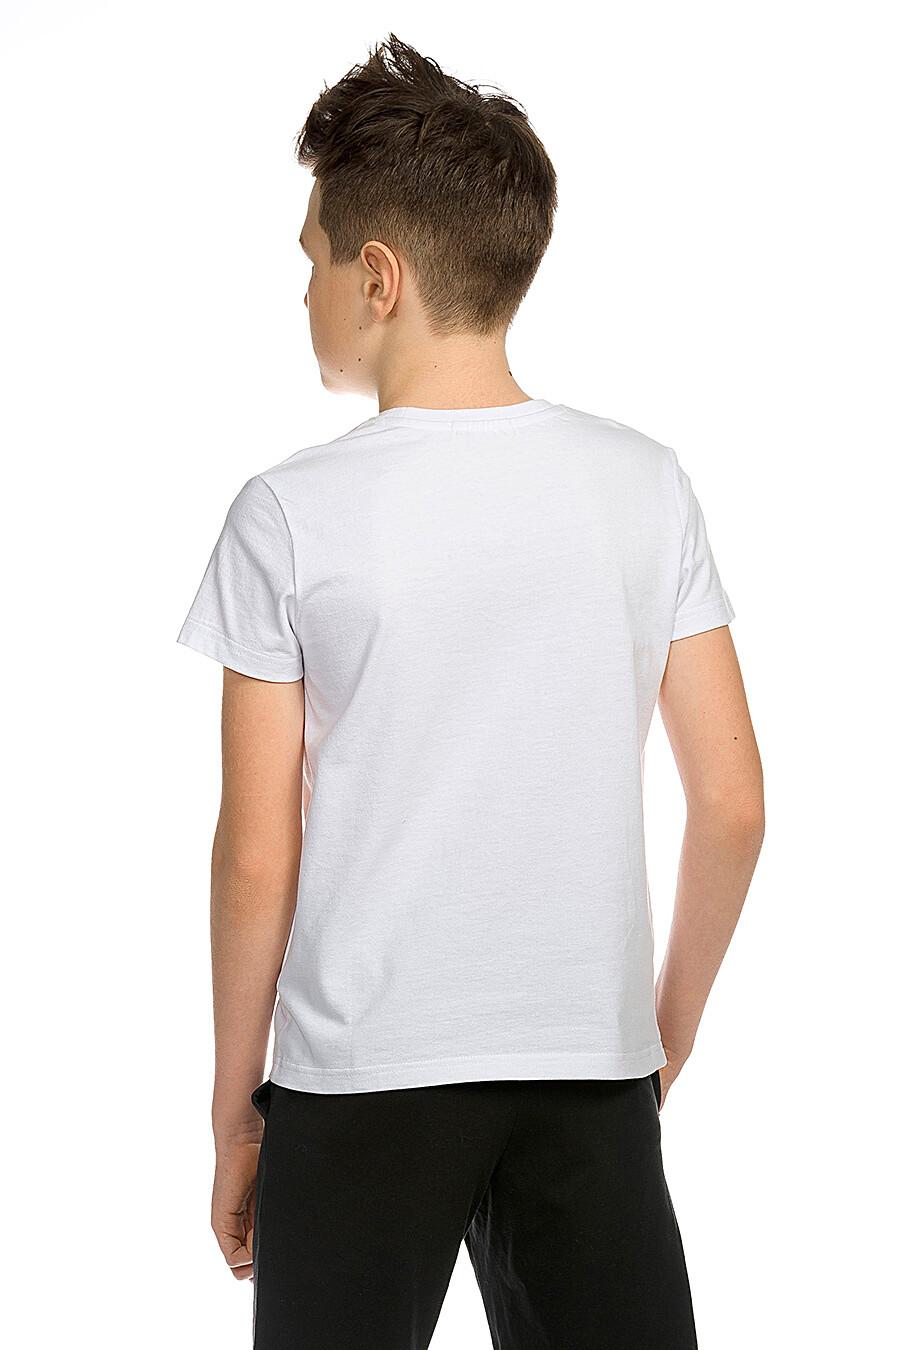 Футболка для мальчиков PELICAN 218586 купить оптом от производителя. Совместная покупка детской одежды в OptMoyo